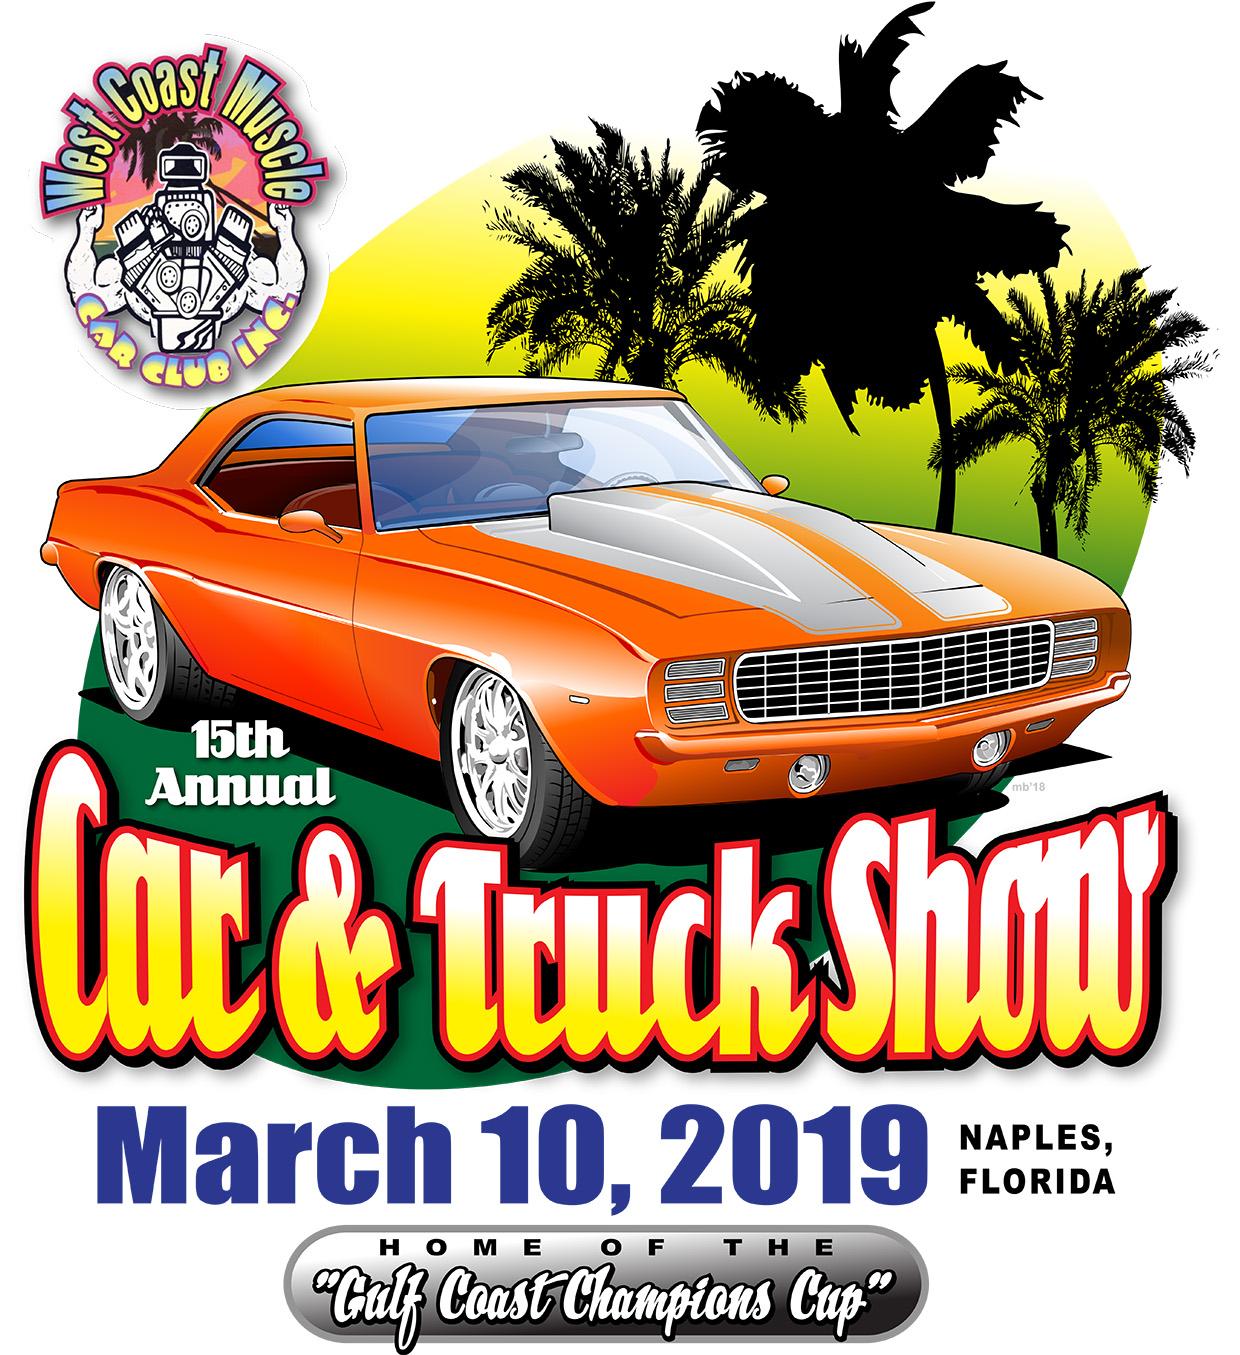 Naples Annual Car Show 2018